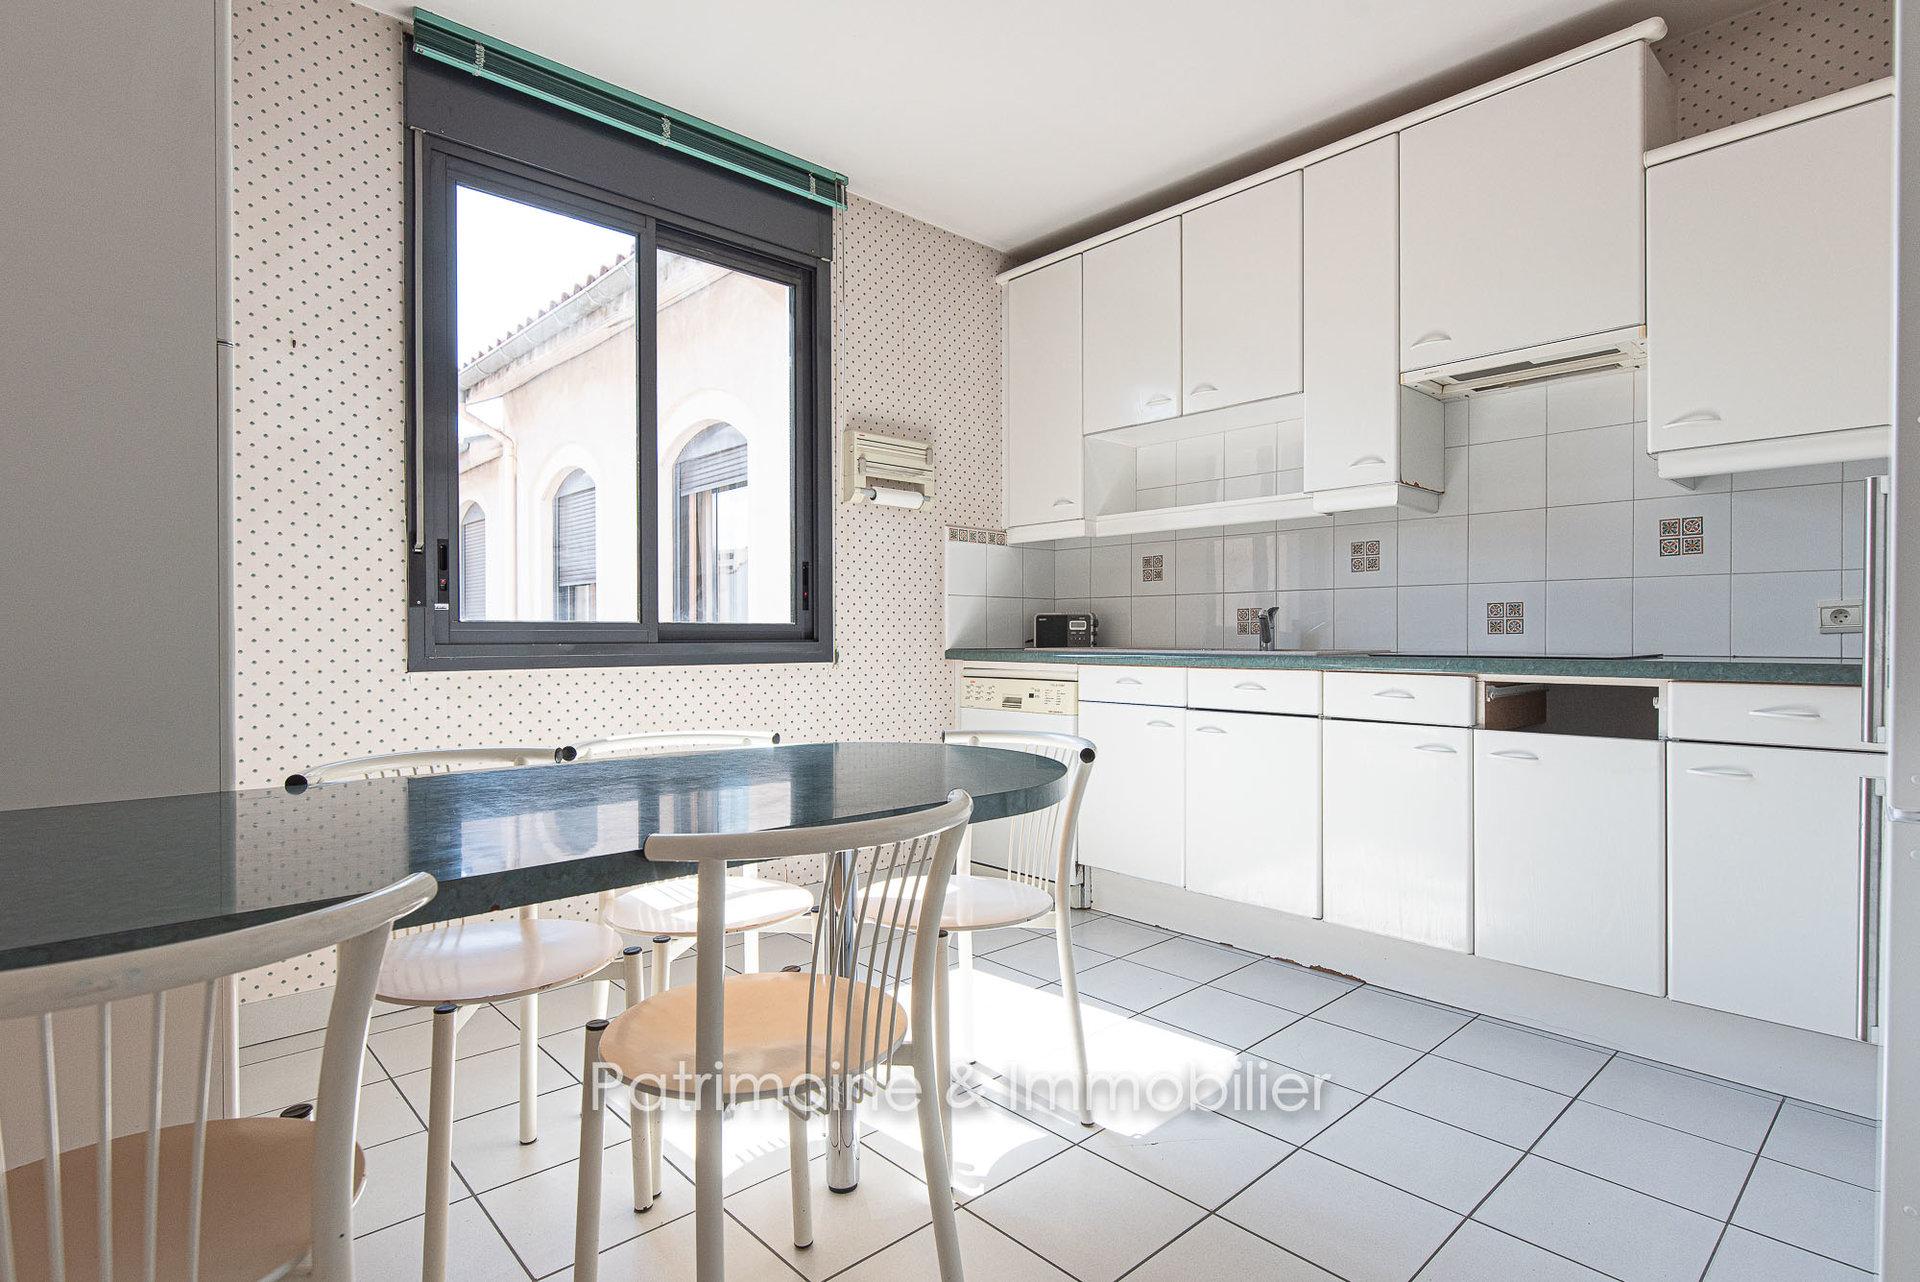 Lyon 6 - Edgard Quinet - Appartement Duplex 144 m2